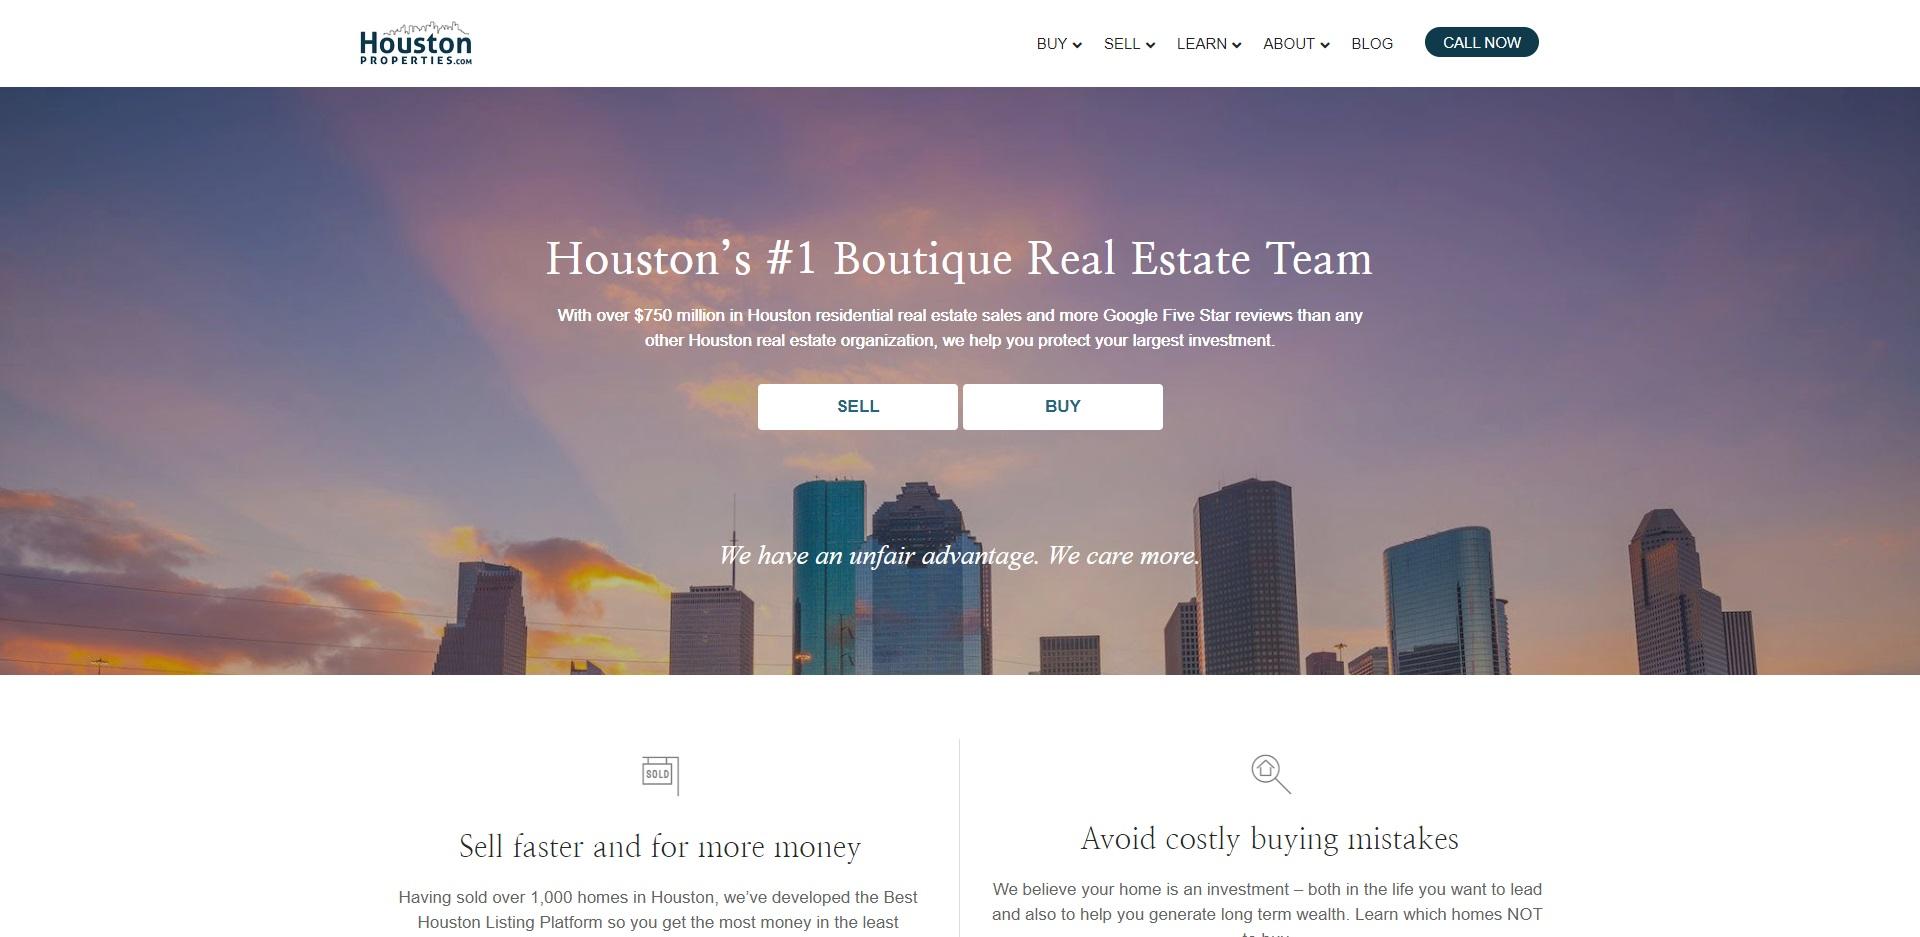 Les meilleurs agents immobiliers à Houston